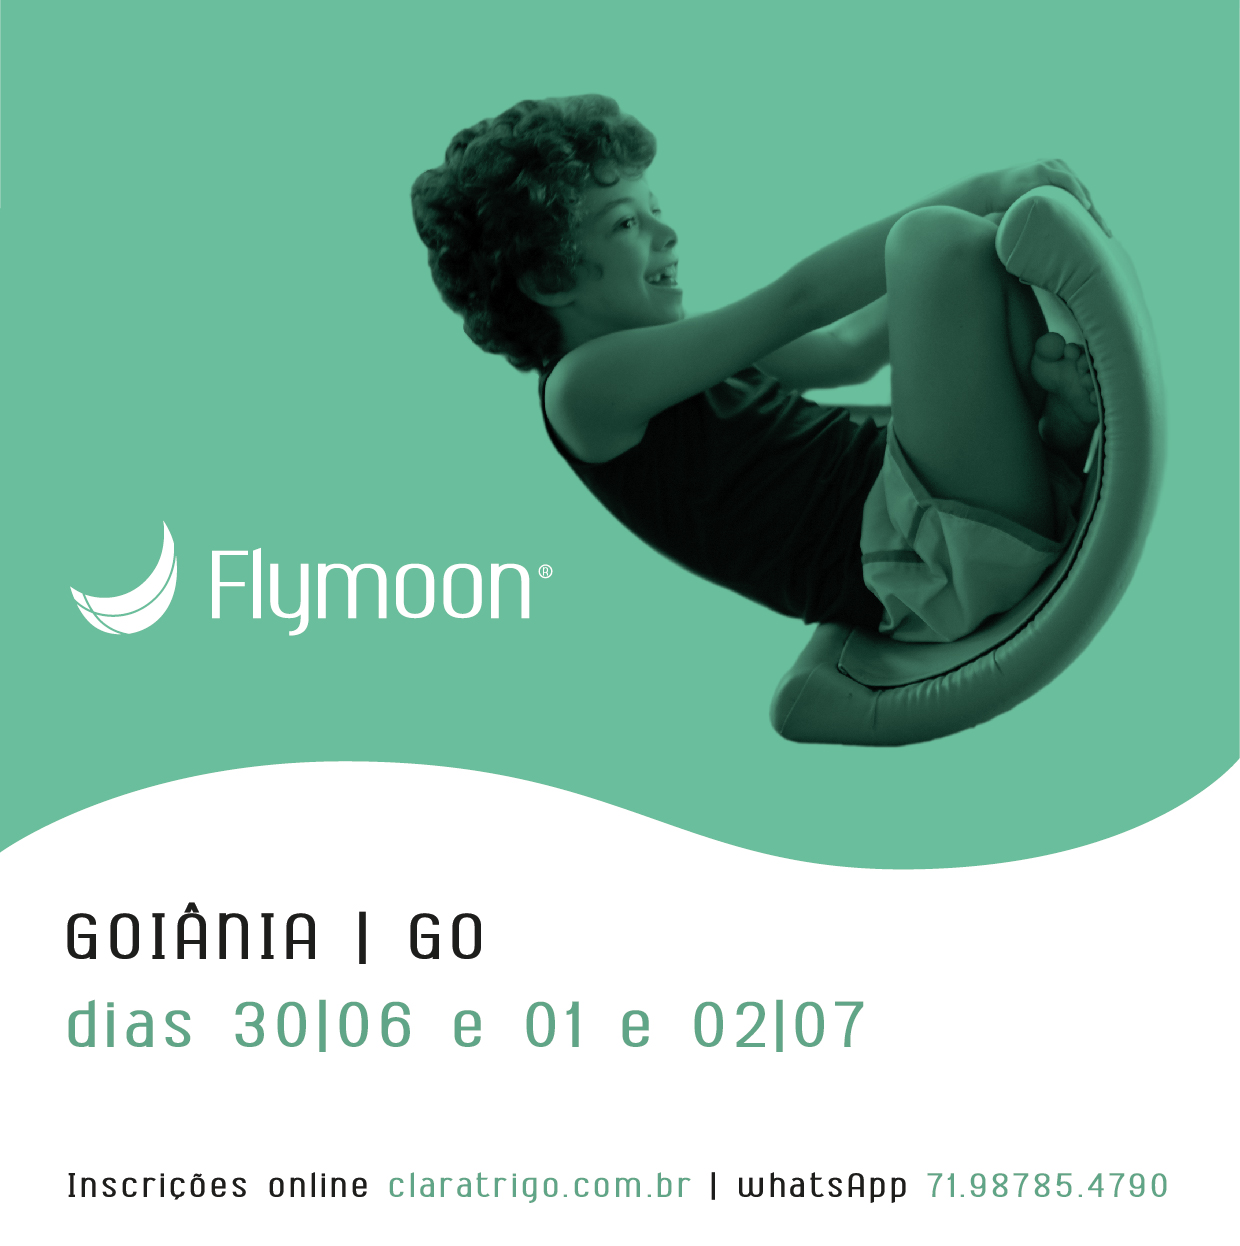 Formação Flymoon® Goiânia 31/06, 01 e 02/07